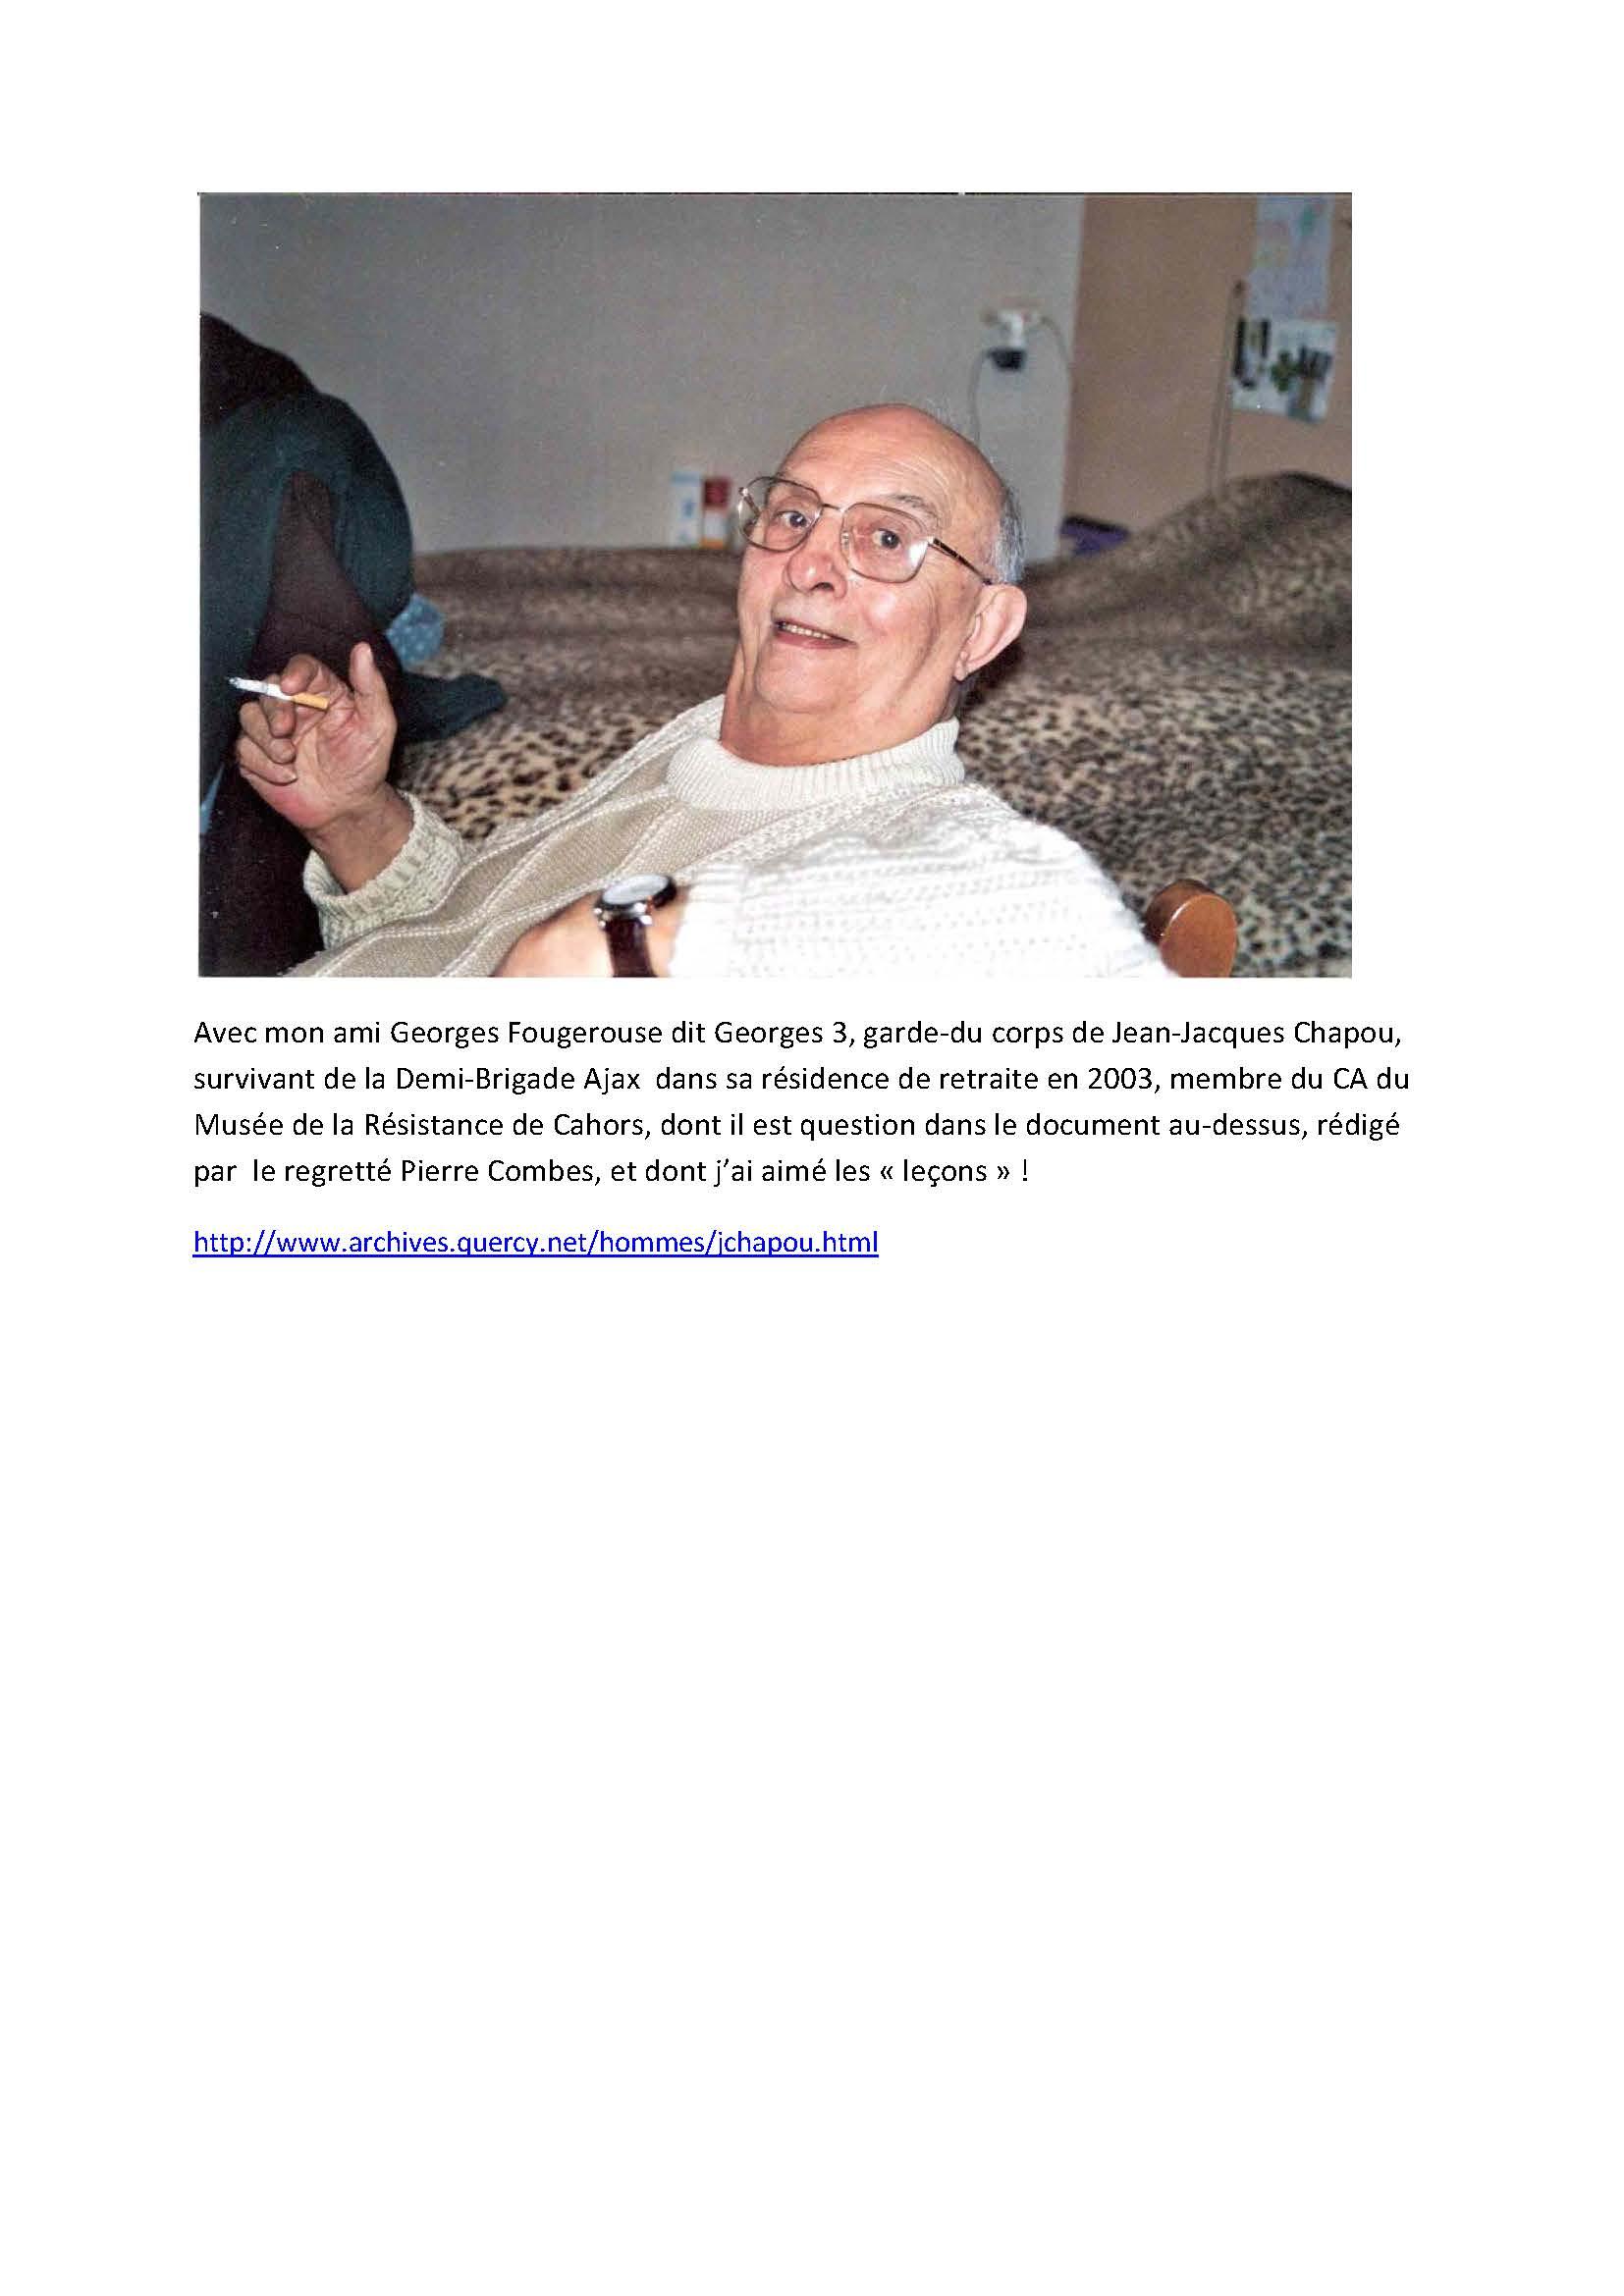 Communiqué et droit de réponse poétique et littéraire à Mr Dominique Bousquet_Page_15.jpg